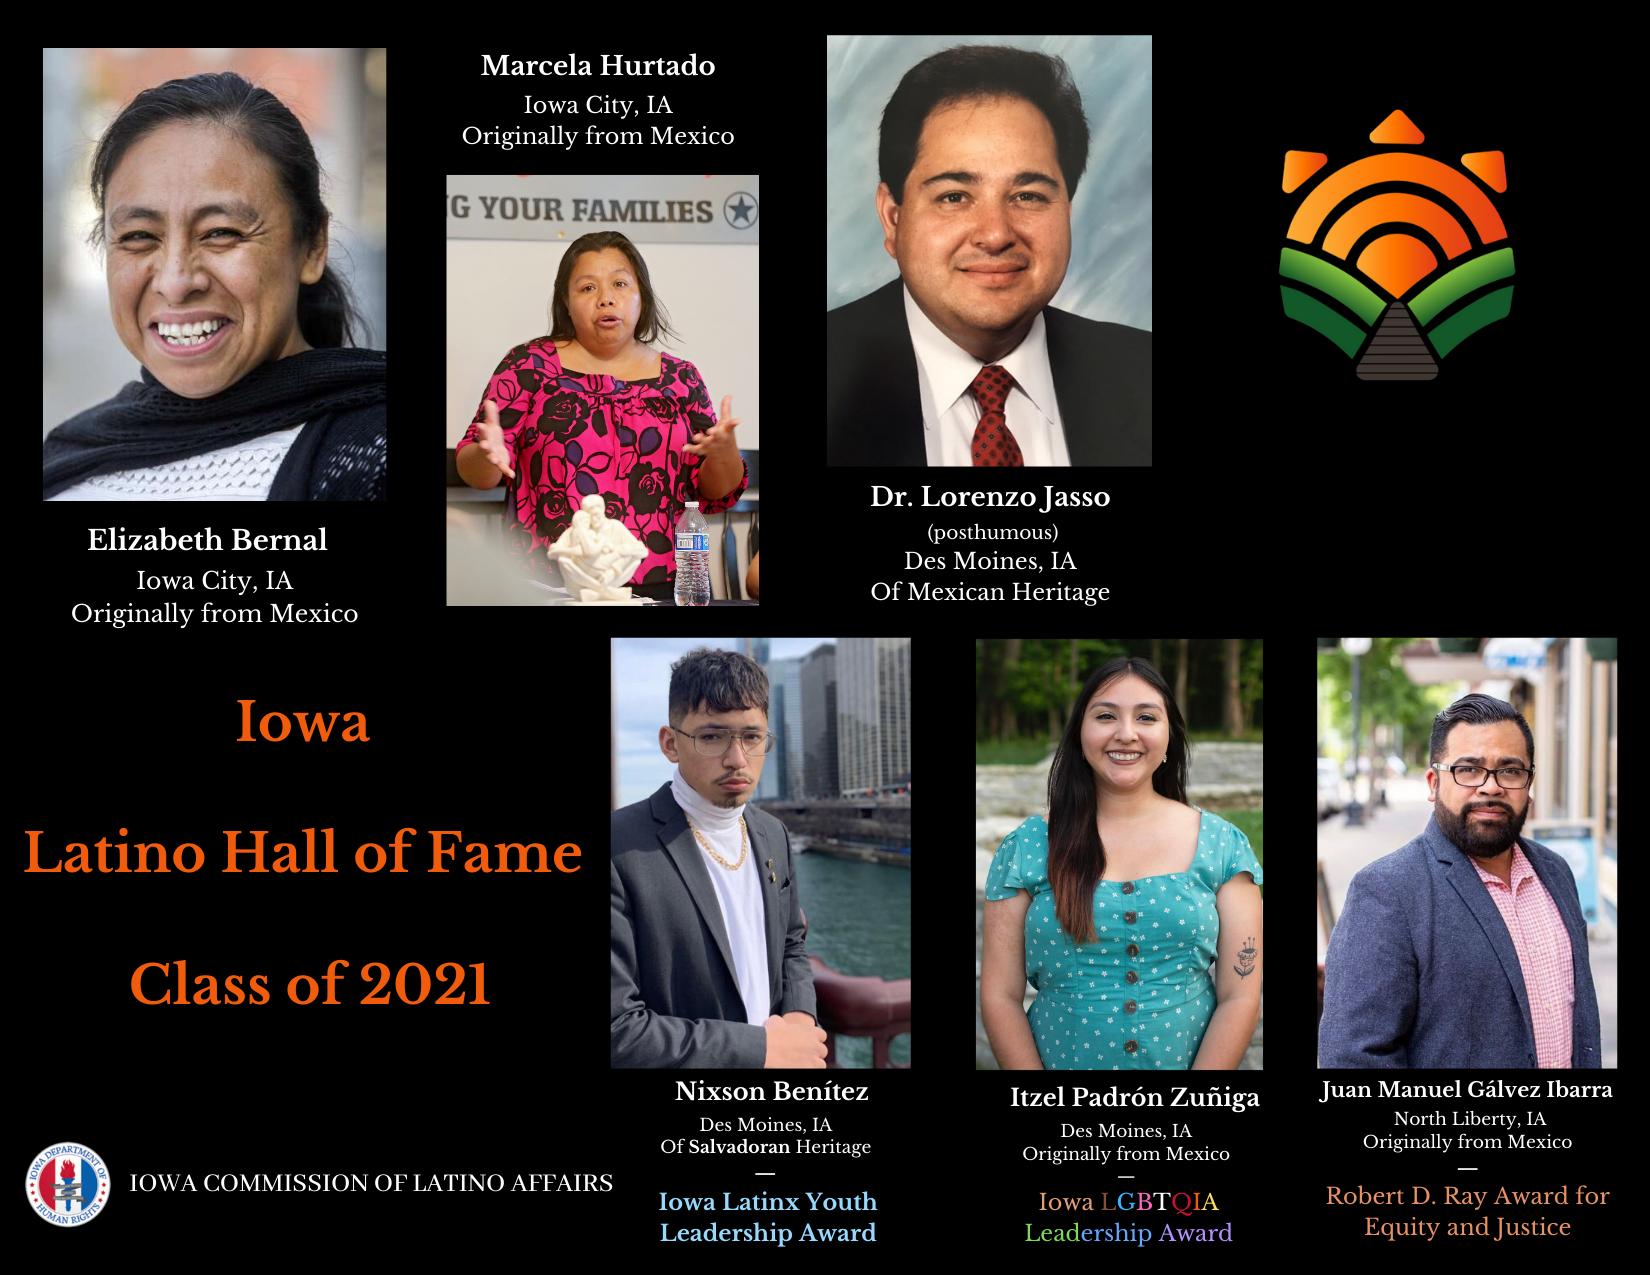 2021 Iowa Latino Hall of Fame Honorees